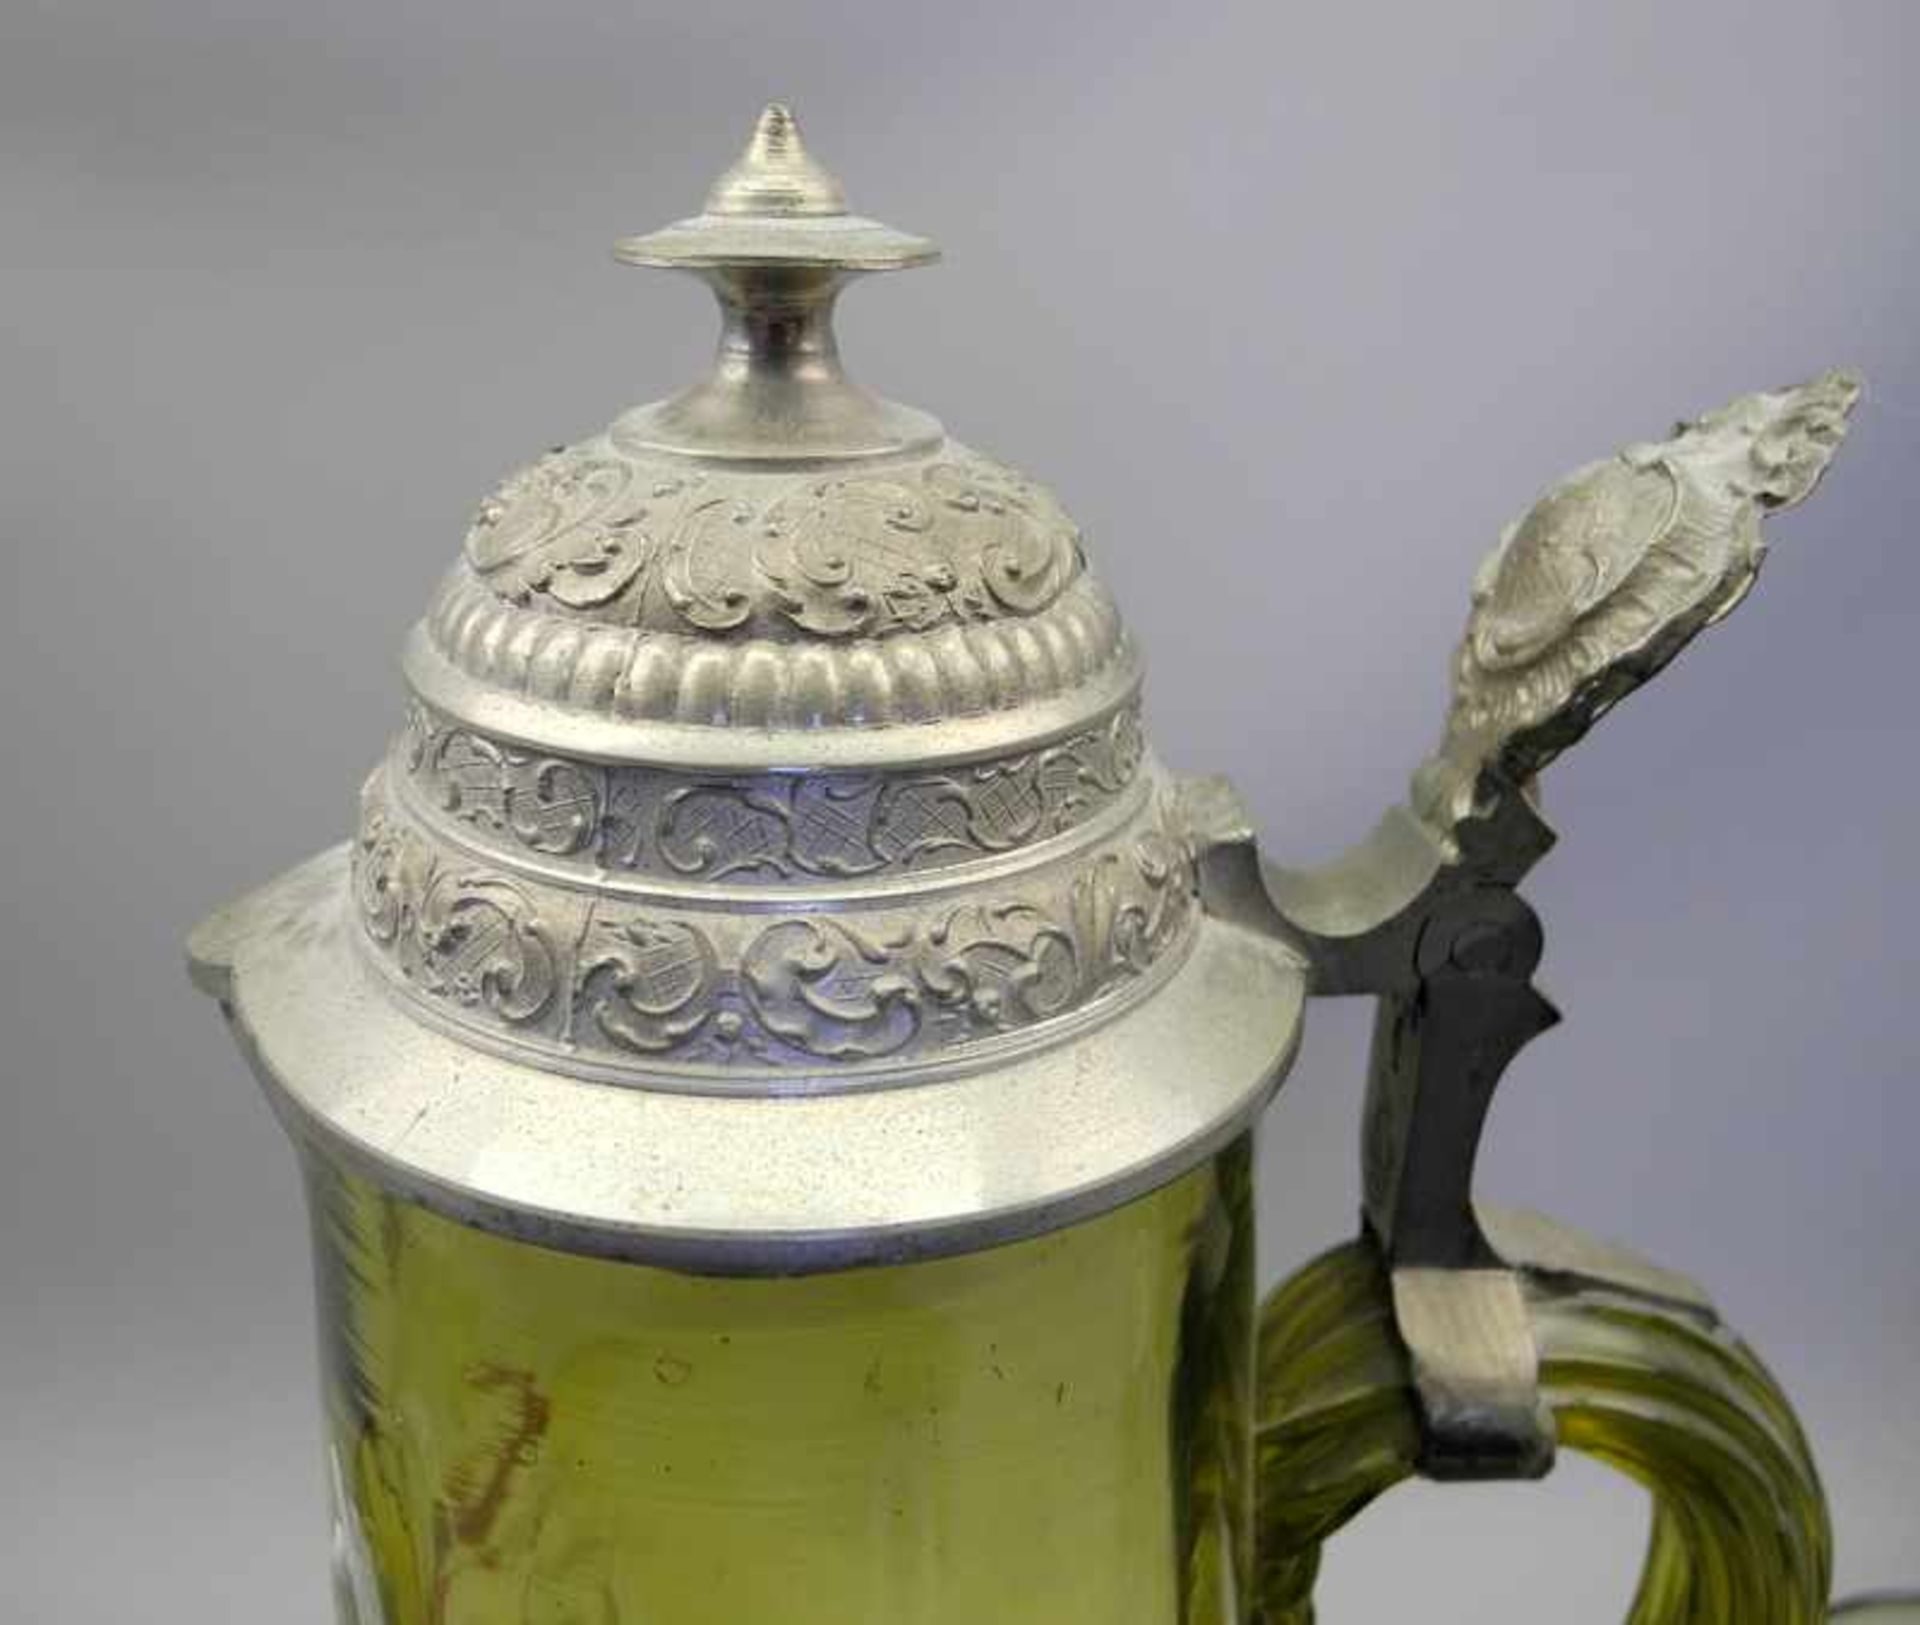 Sammlerkanne mit 6 Gläsern im JagdmotivGrünglas geschliffen, Kanne mit Zinnmontur. Set bestehend aus - Bild 4 aus 4